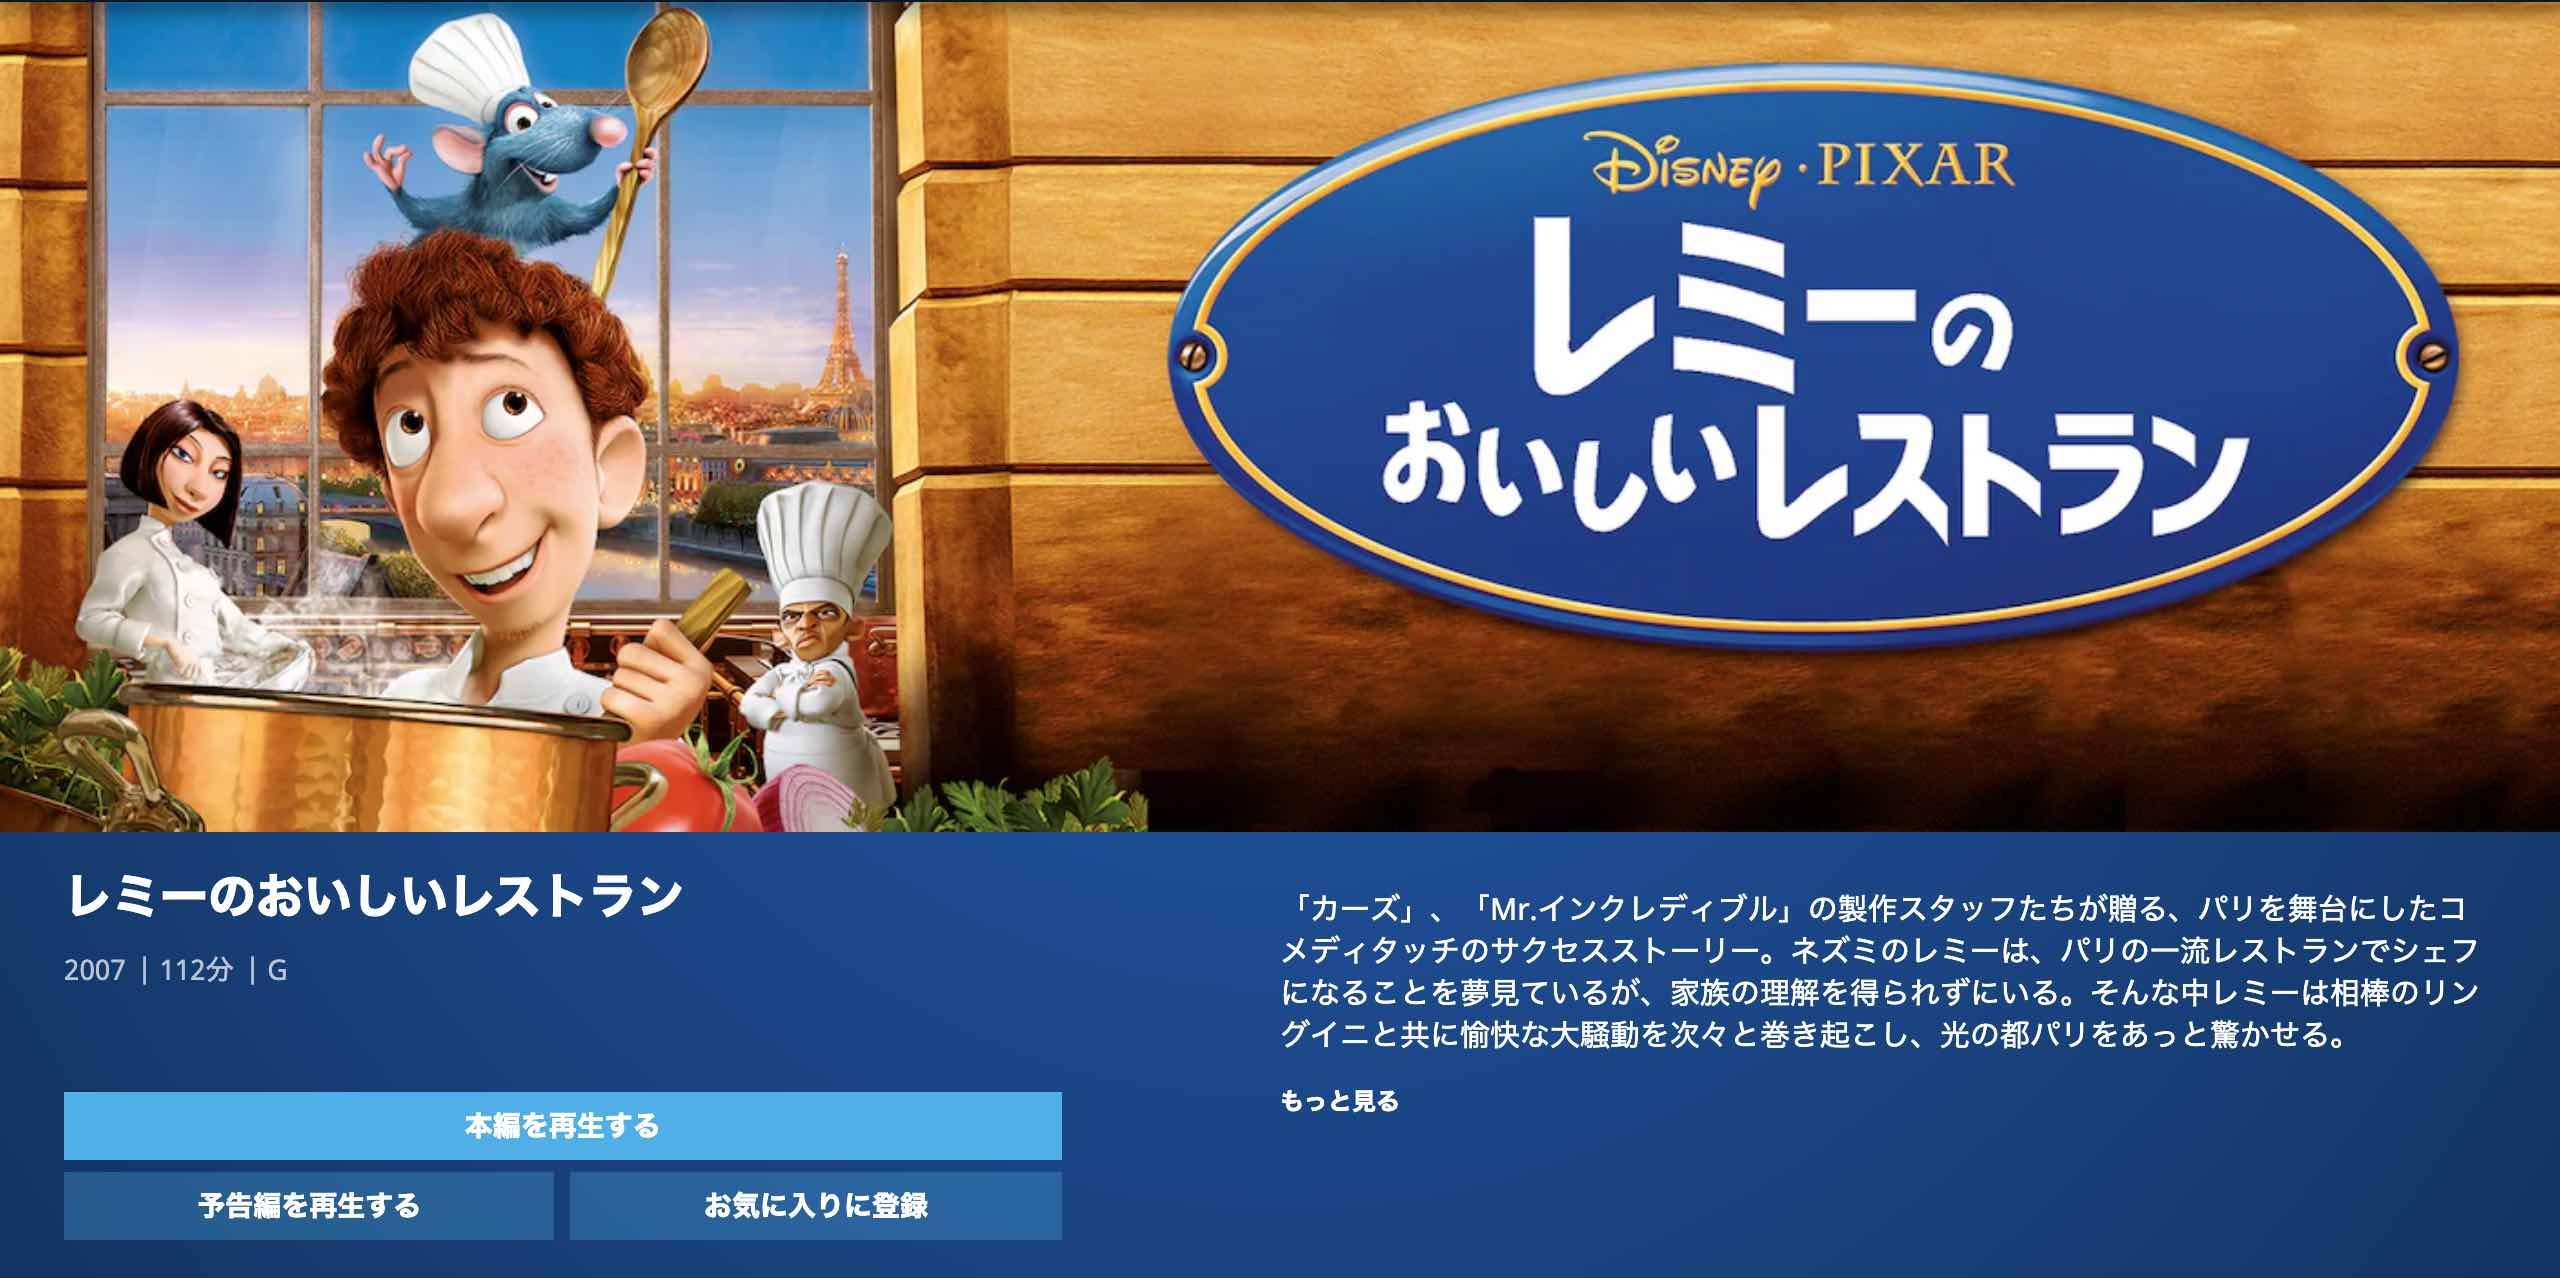 映画「レミーのおいしいレストラン」のフル動画を無料で視聴する方法!